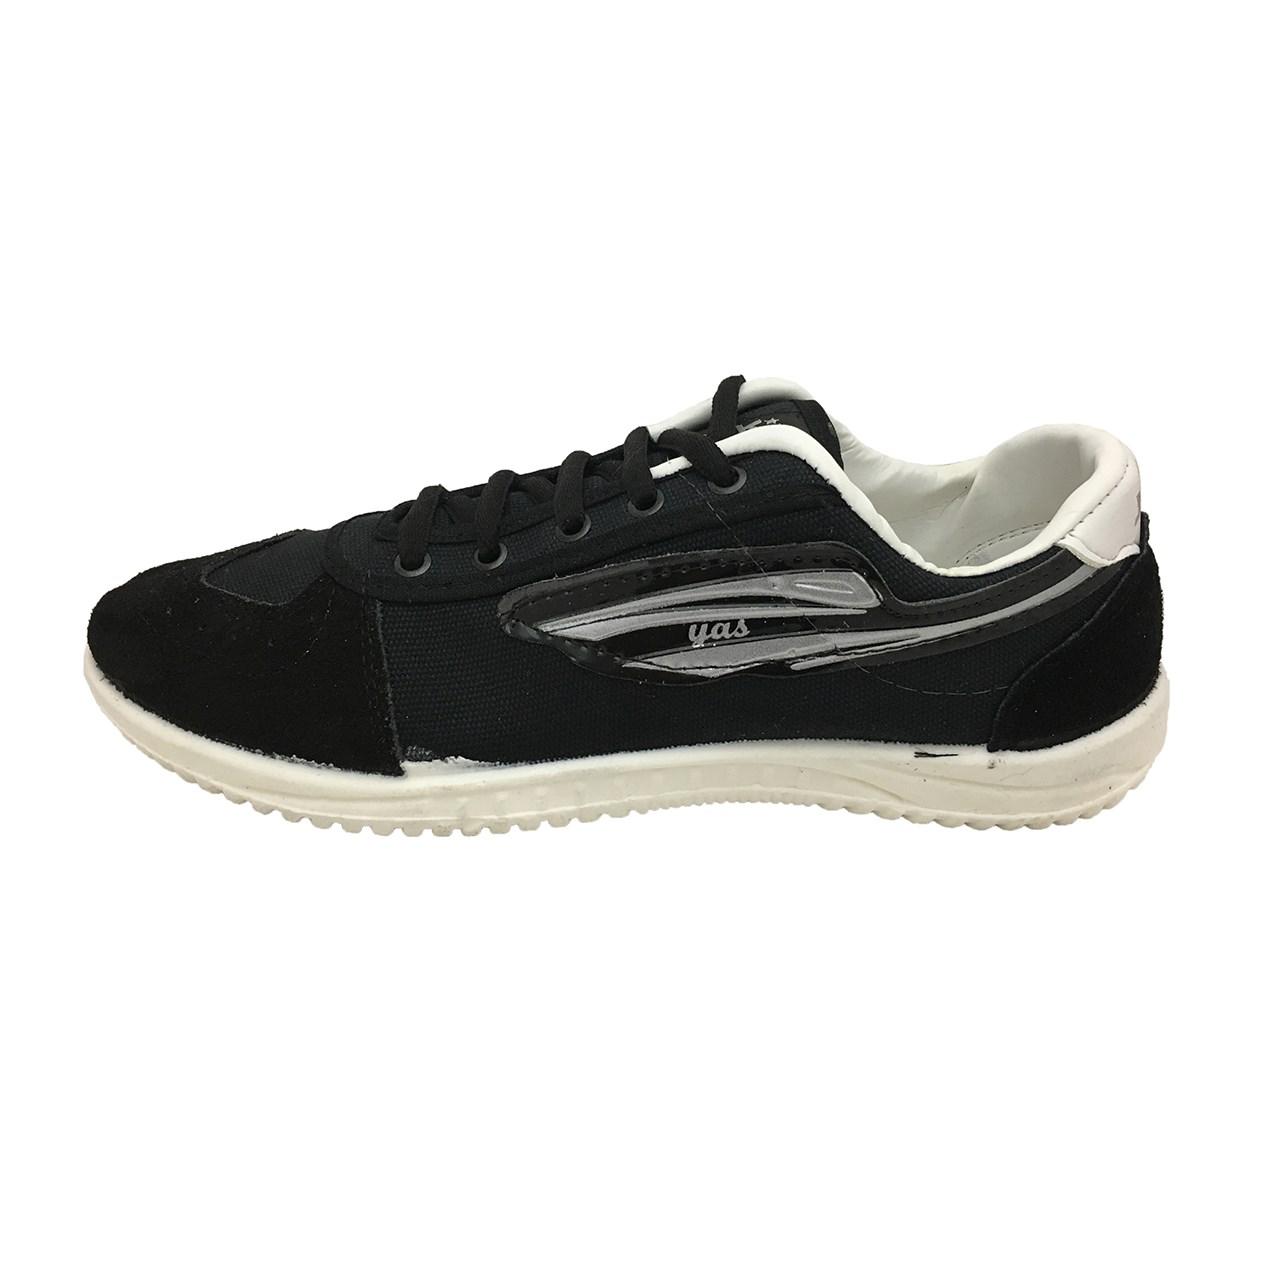 قیمت کفش فوتسال مردانه تایگر مدل سالنی کد 1087